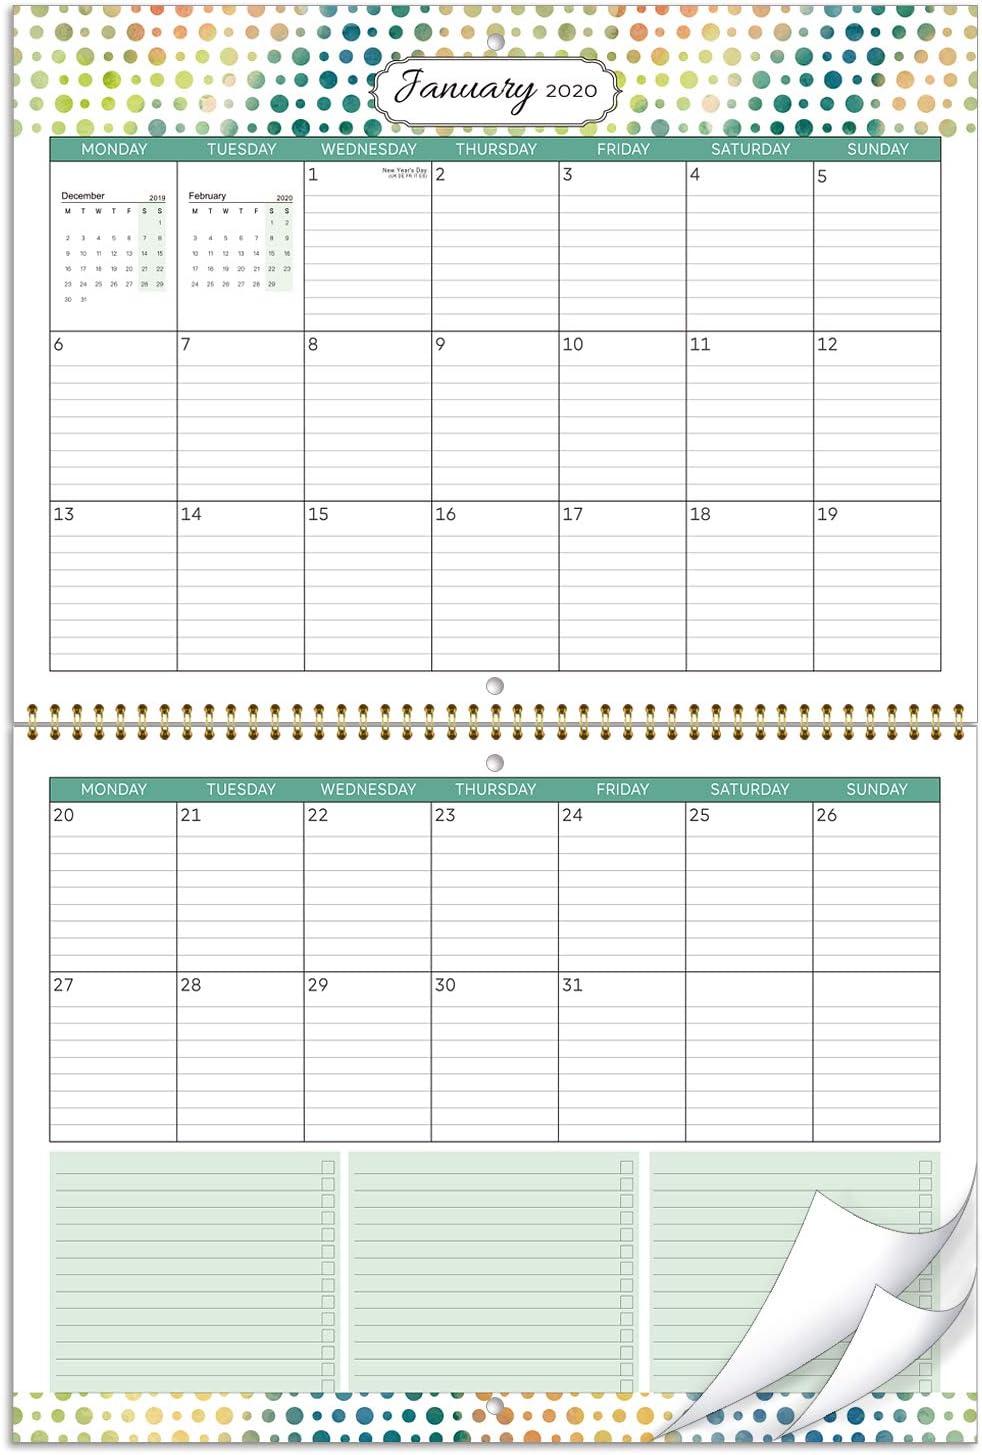 Calendario de pared 2020- mes calendario 2020 para ver dos formas colgantes, con bolsillo interior y bucle para bolígrafo, bloques grandes con reglas, 39x29 cm